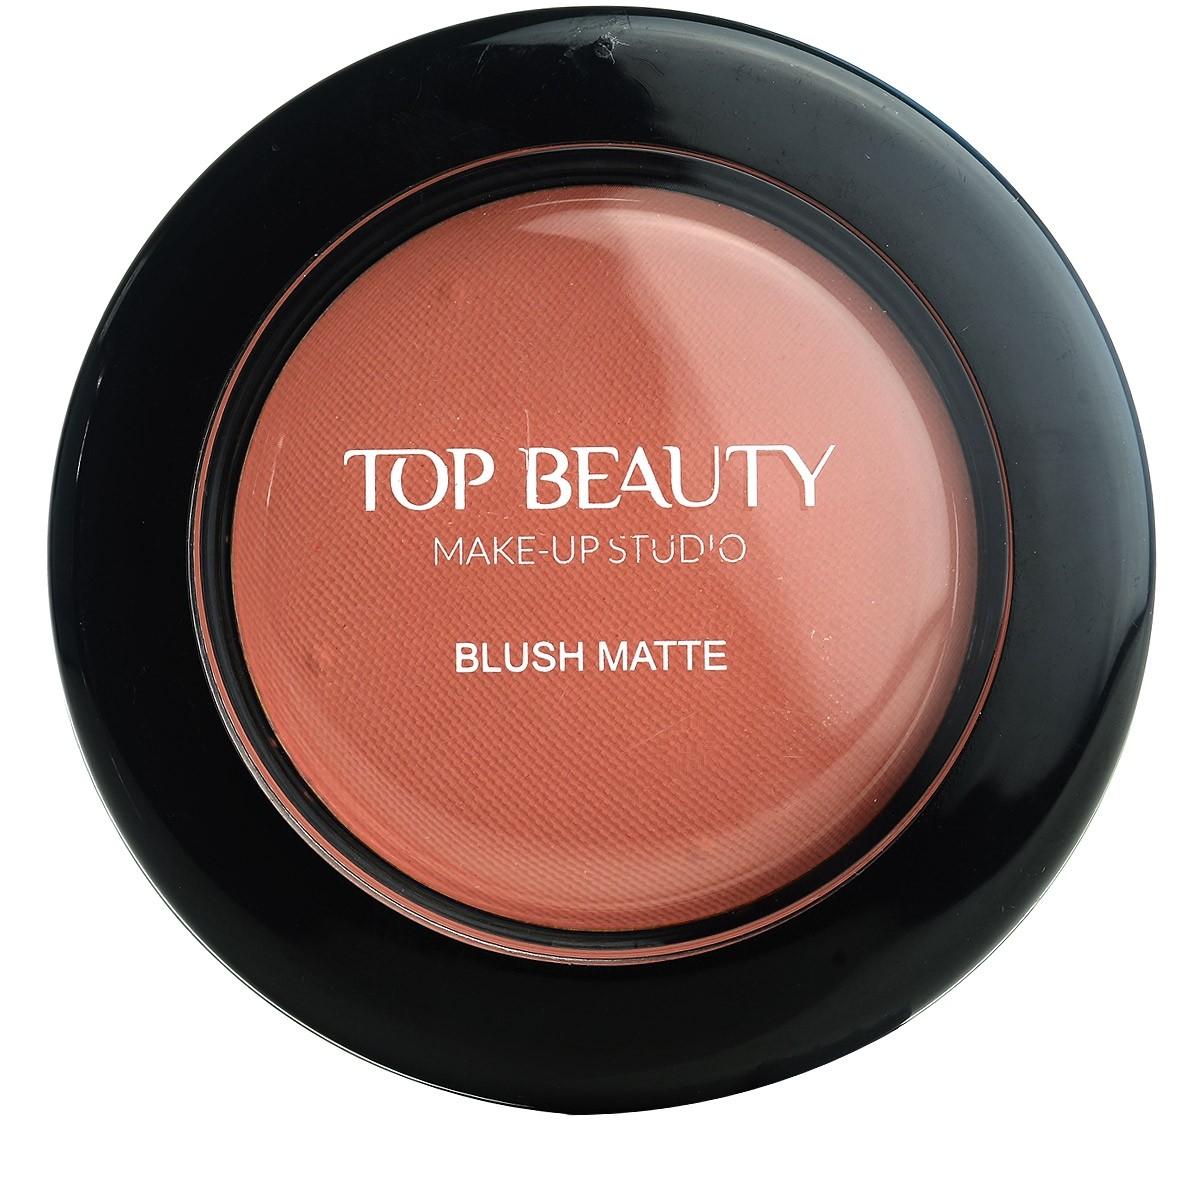 Blush Matte Cor 04 Top Beauty 4,5g